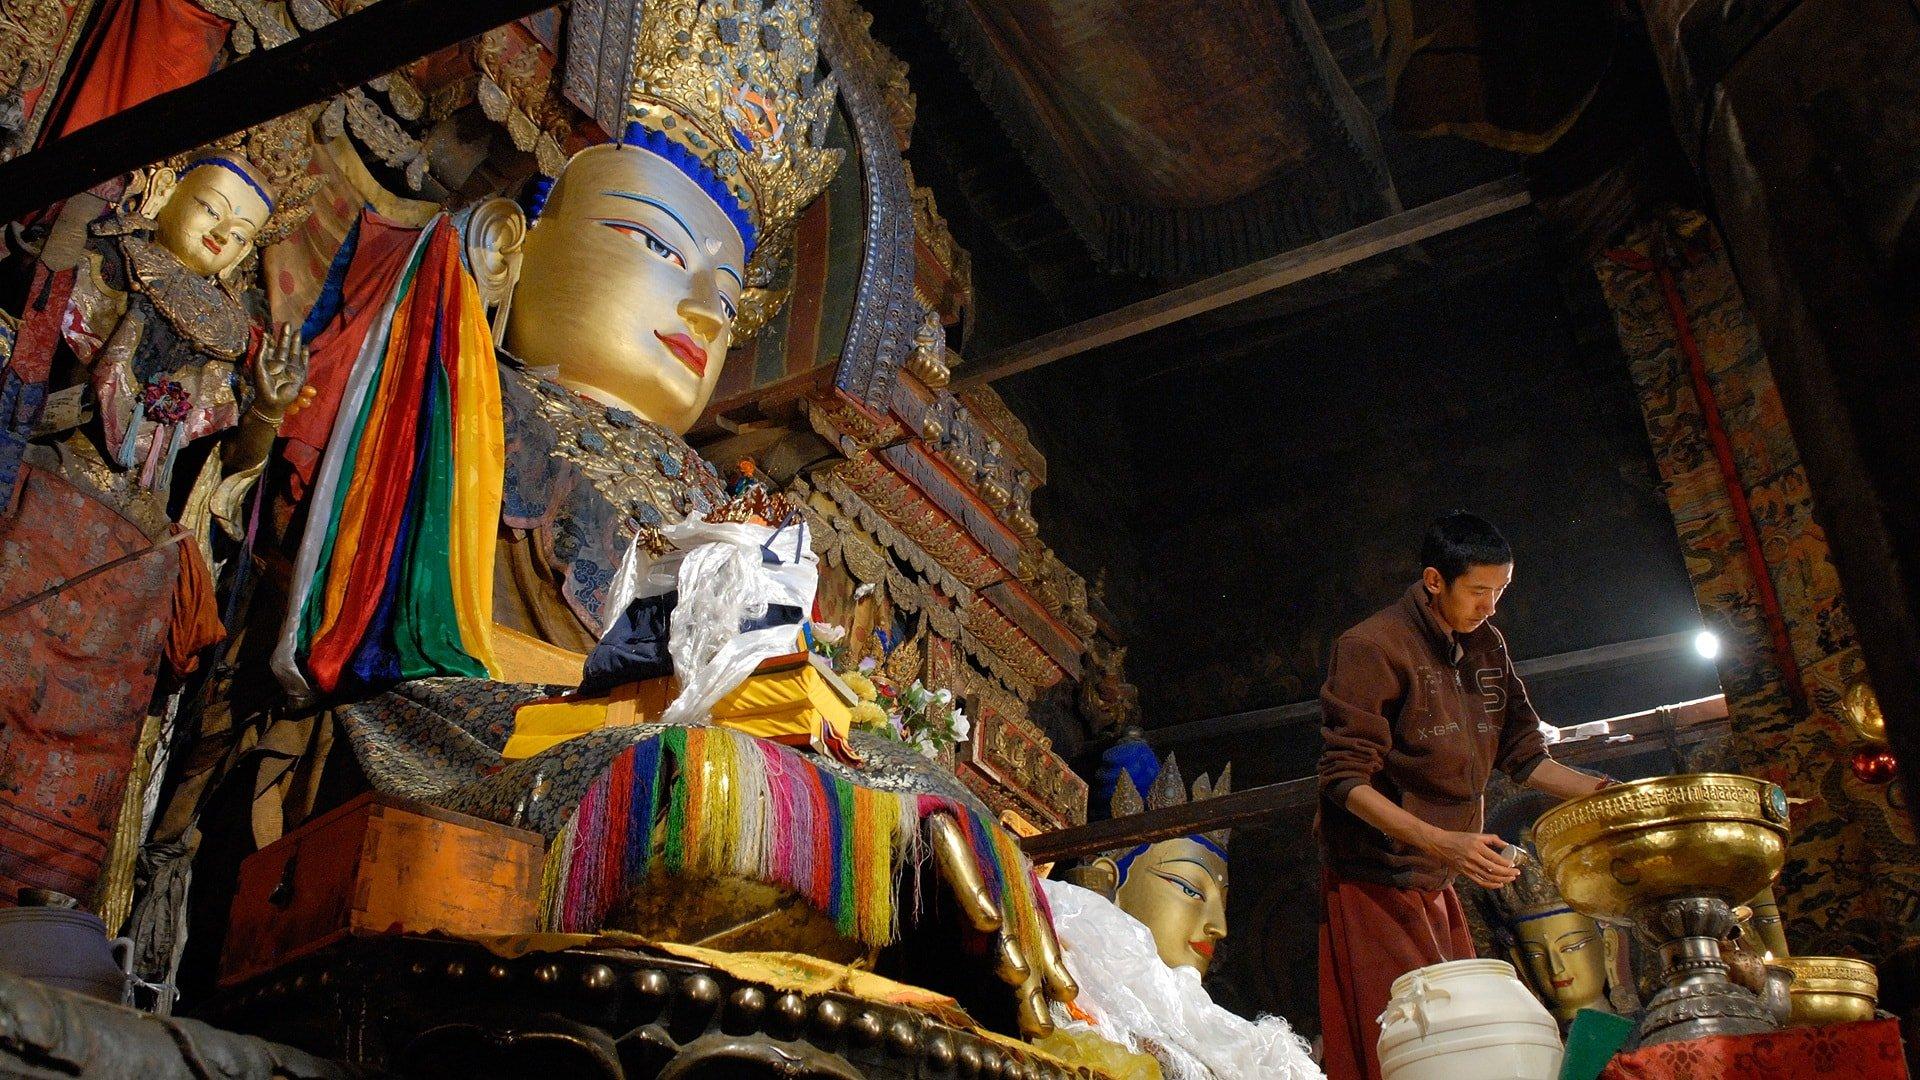 Large statue of Shakyamuni (Present) Buddha in Gyantse, Tibet